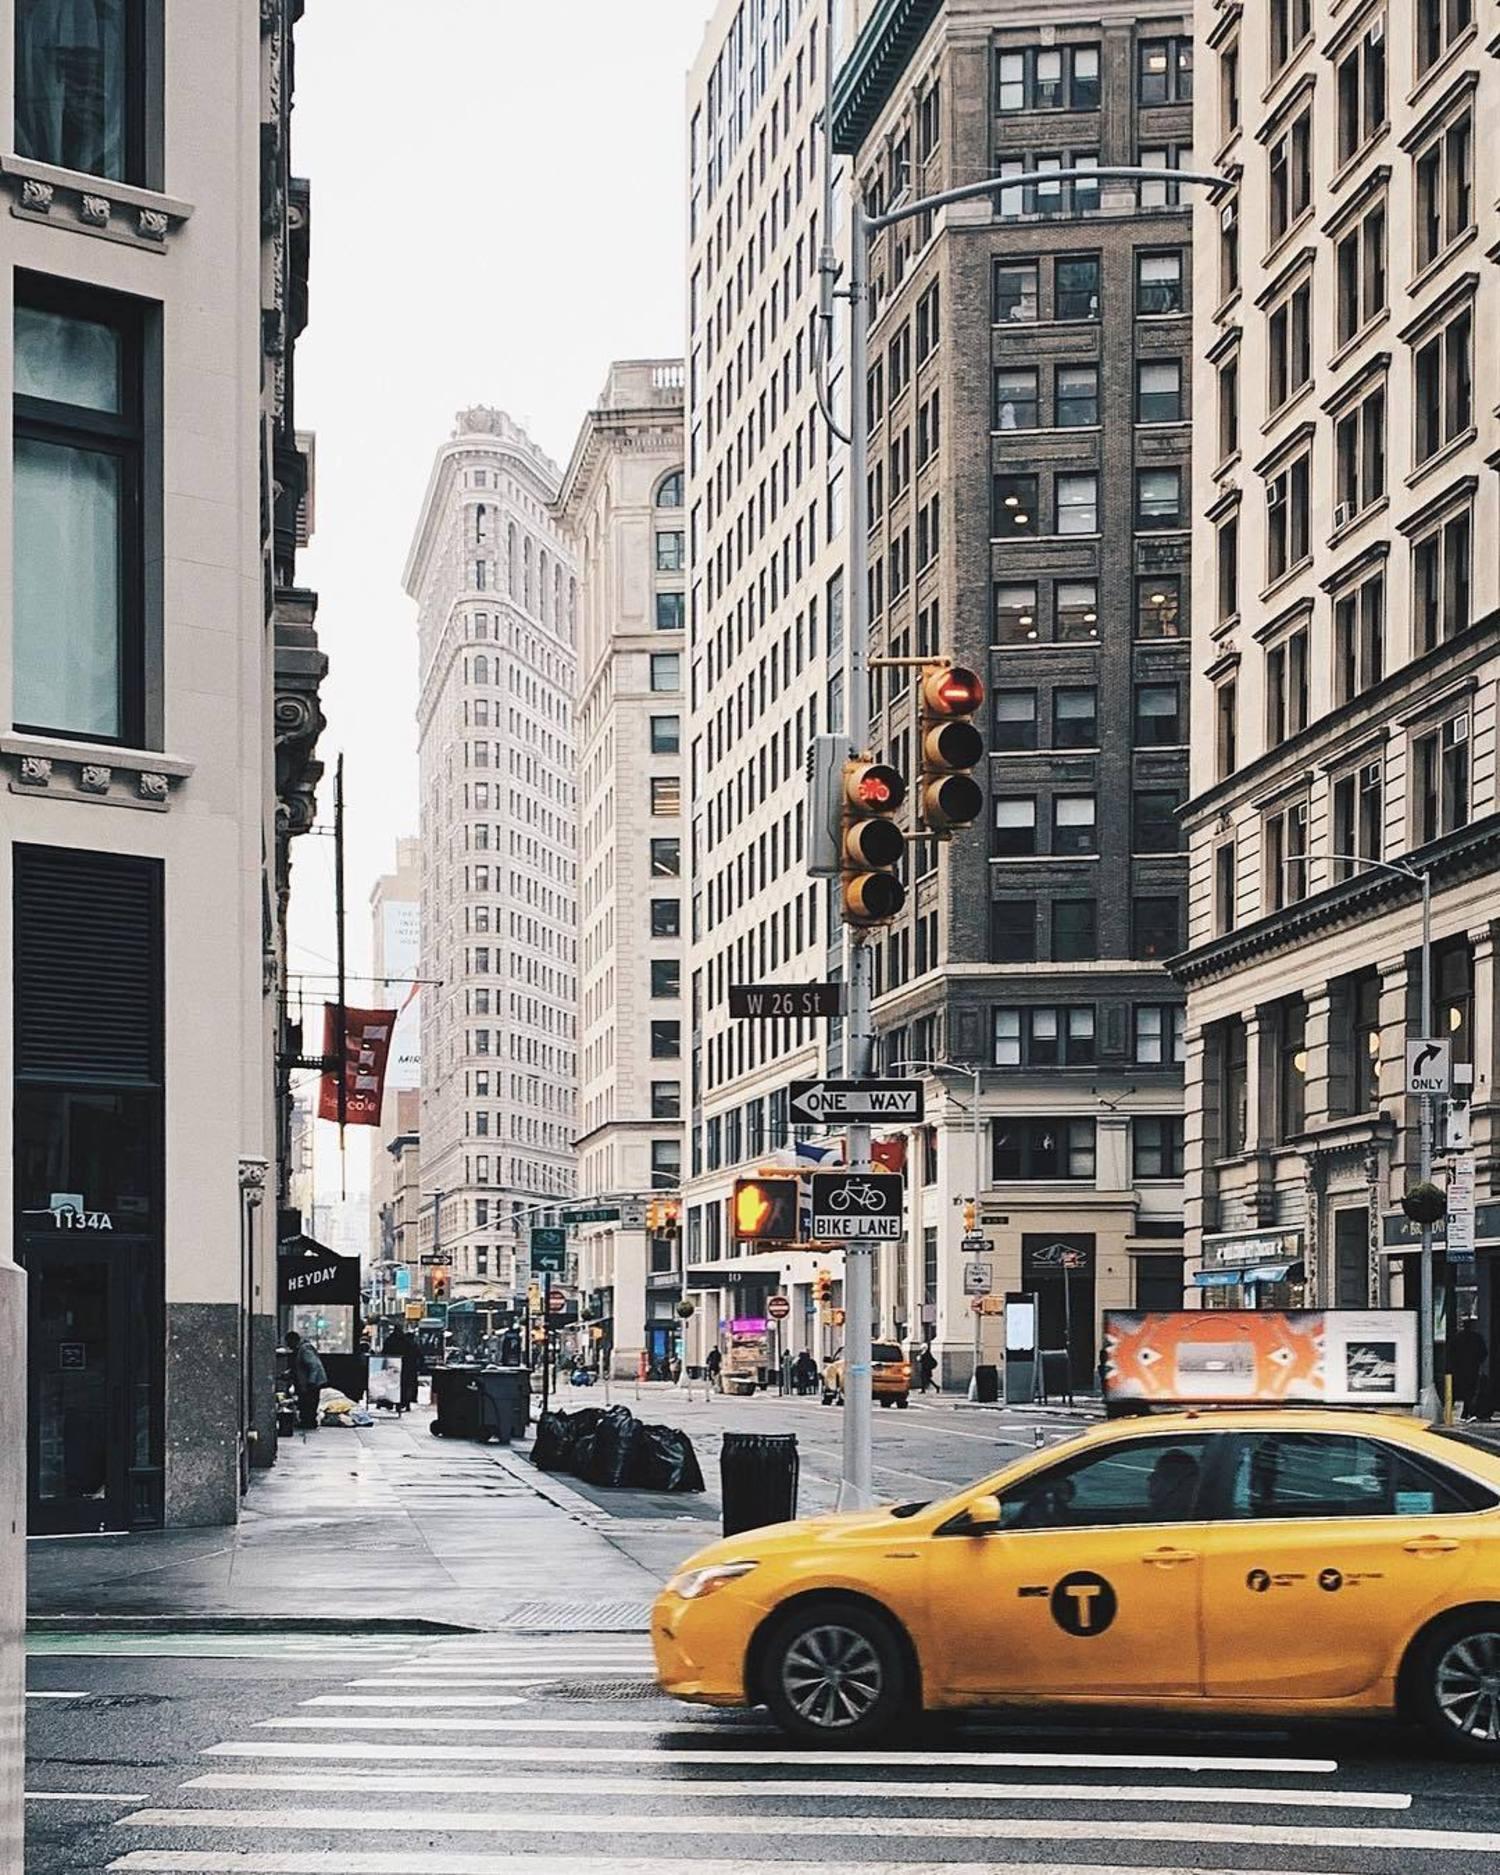 Broadway and 26th Street, Flatiron District, Manhattan